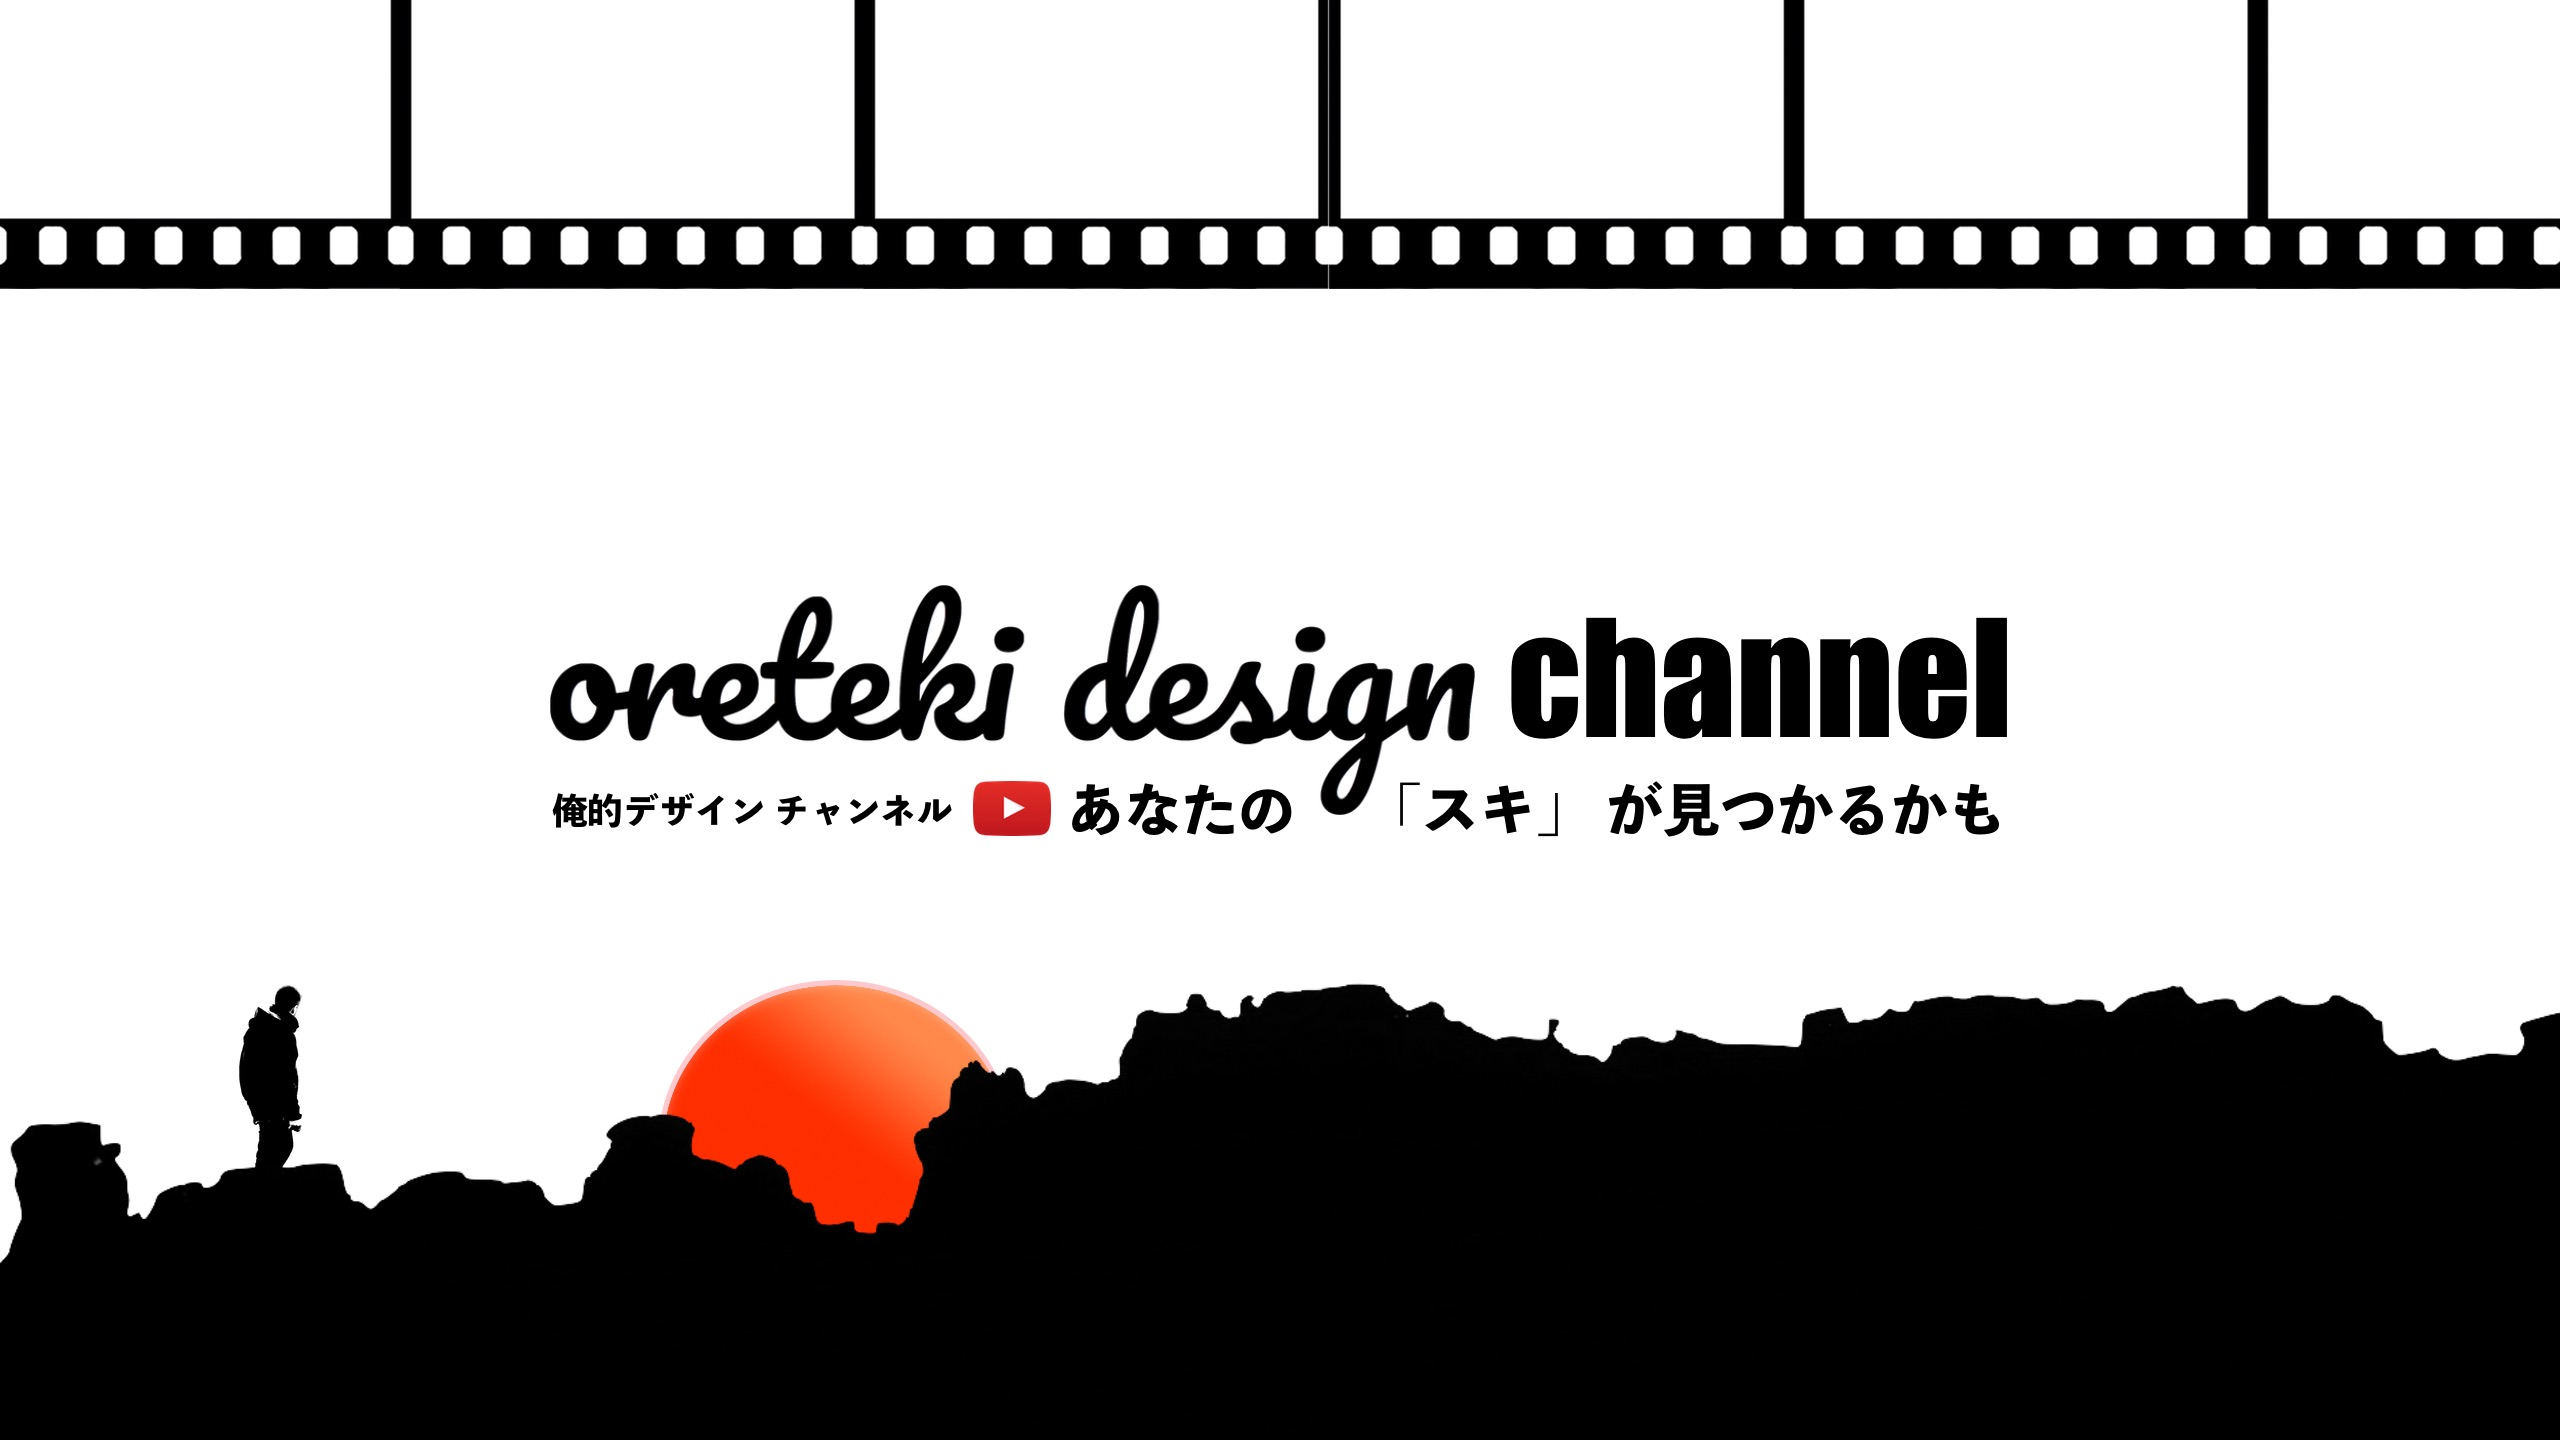 俺的デザインチャンネのチャンネルアートの画像